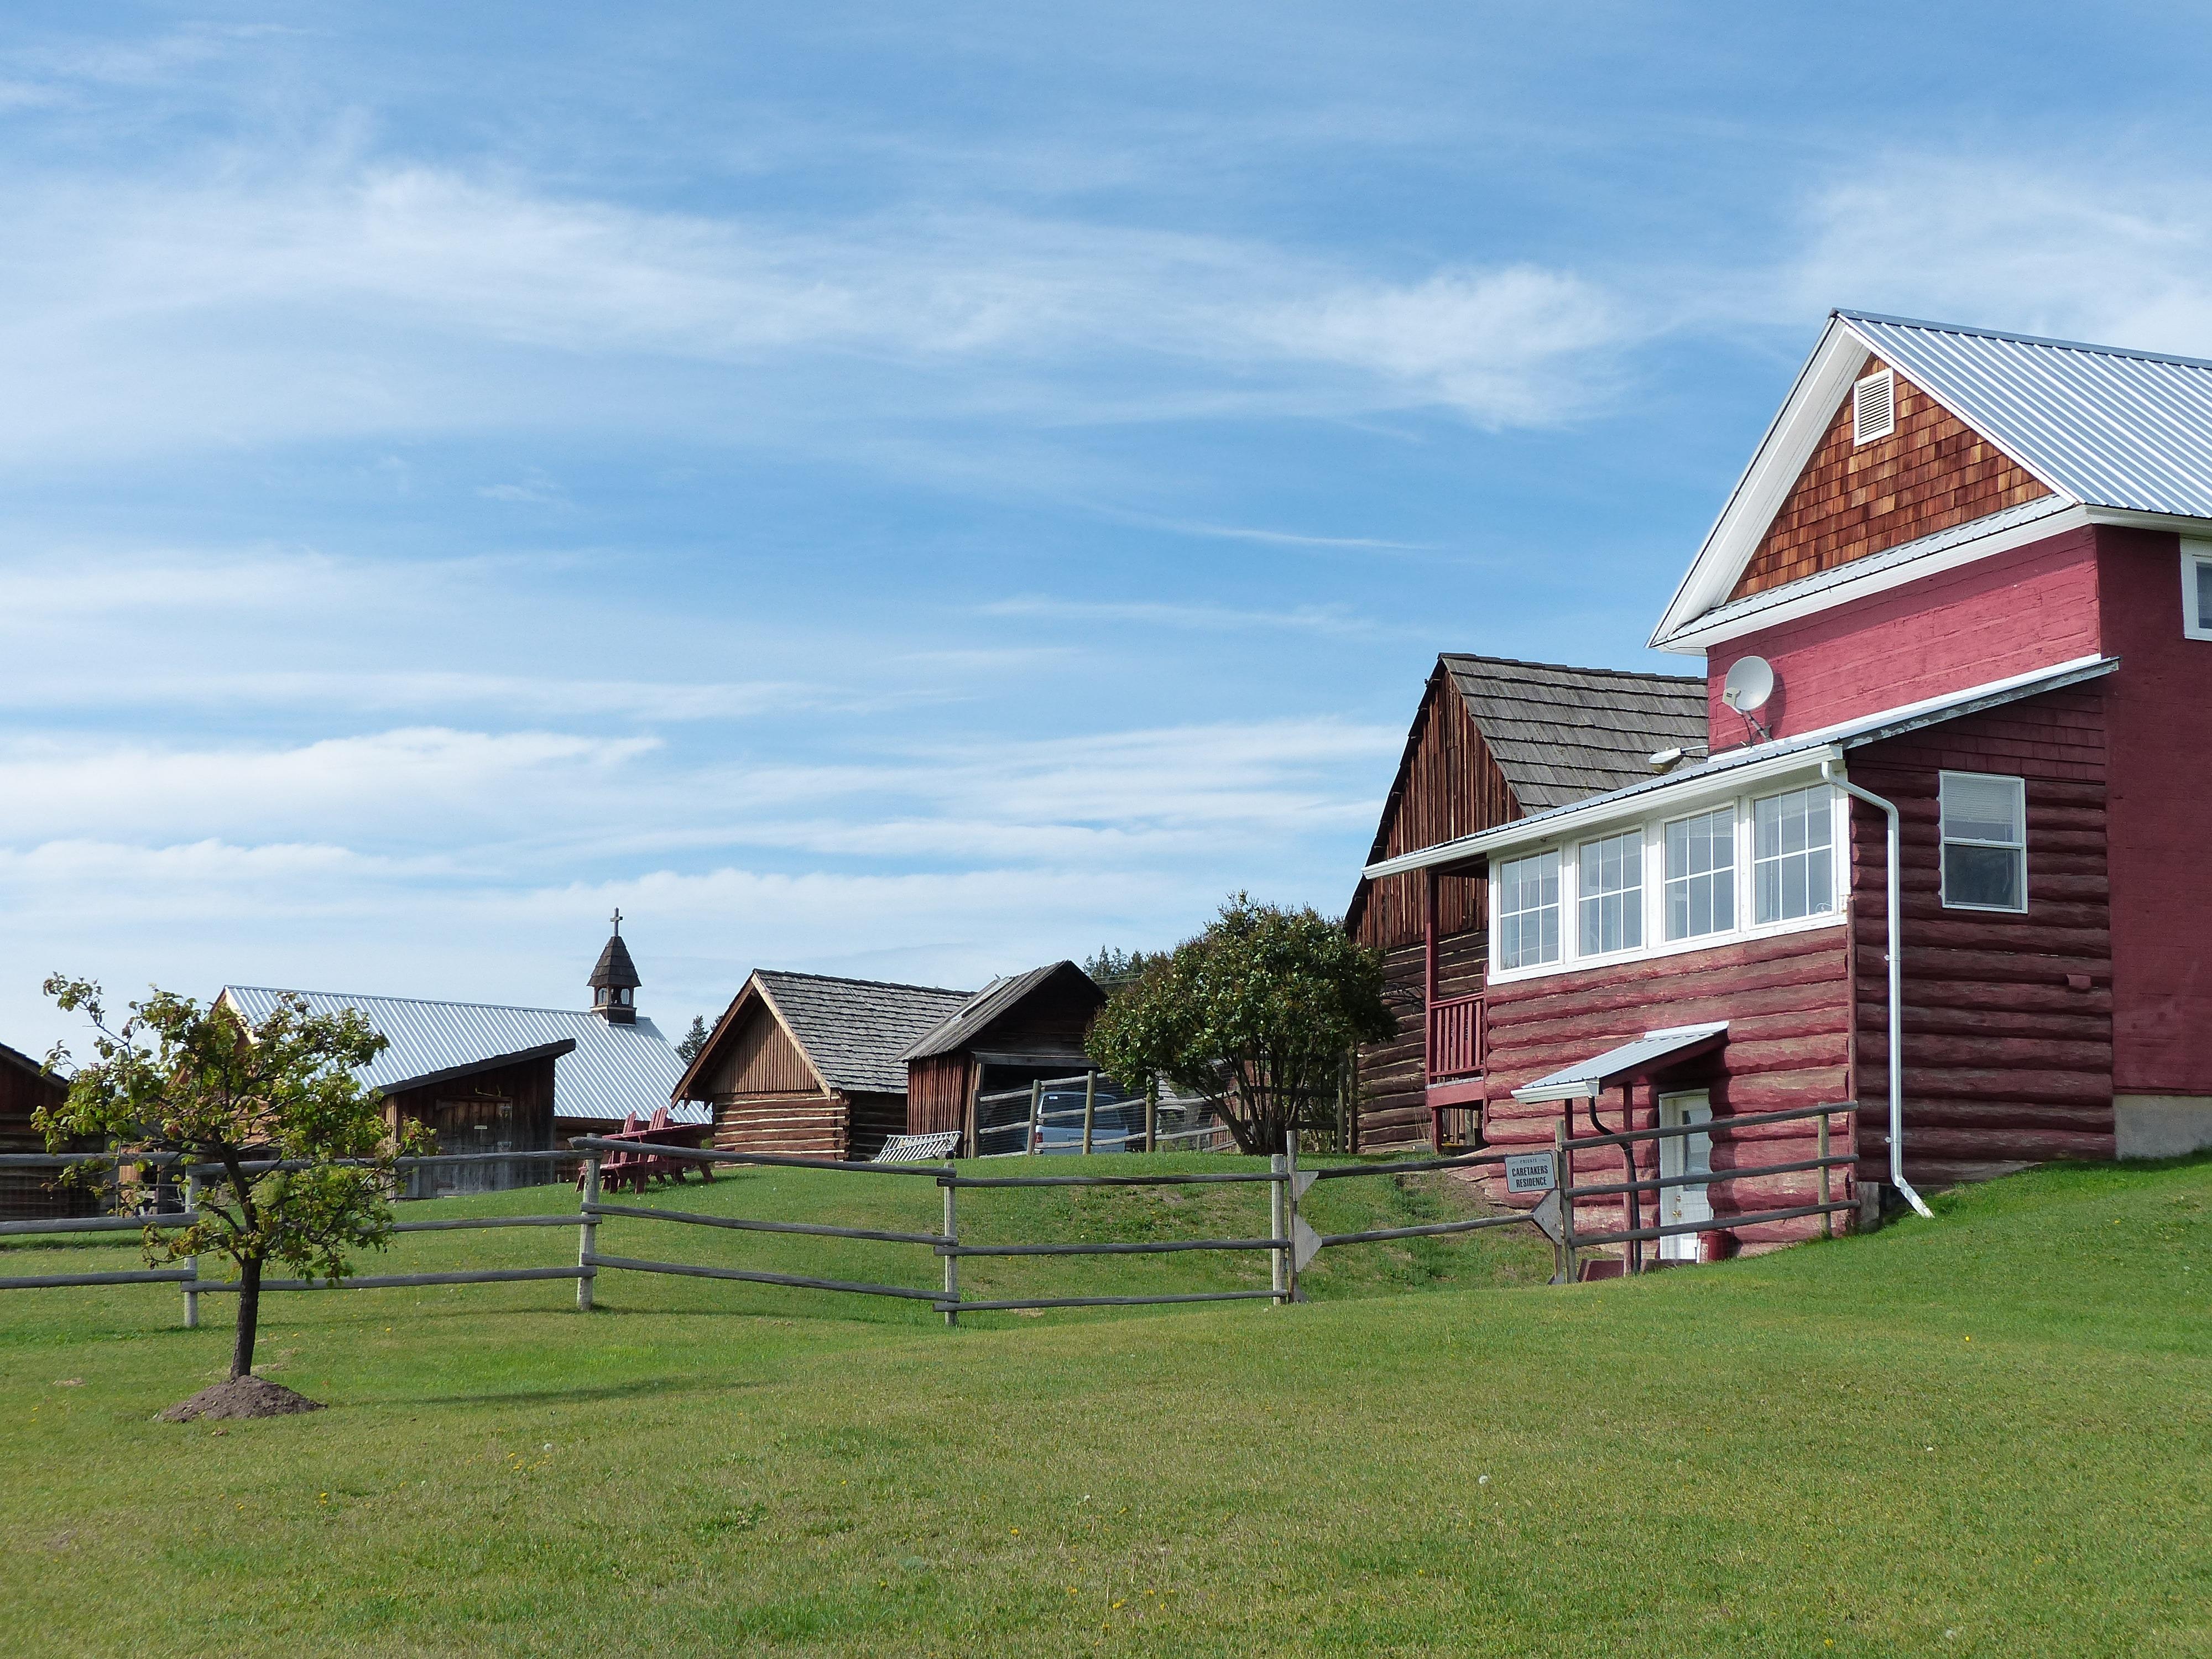 Images gratuites paysage herbe ferme pelouse cru for Agrandissement maison zone rurale